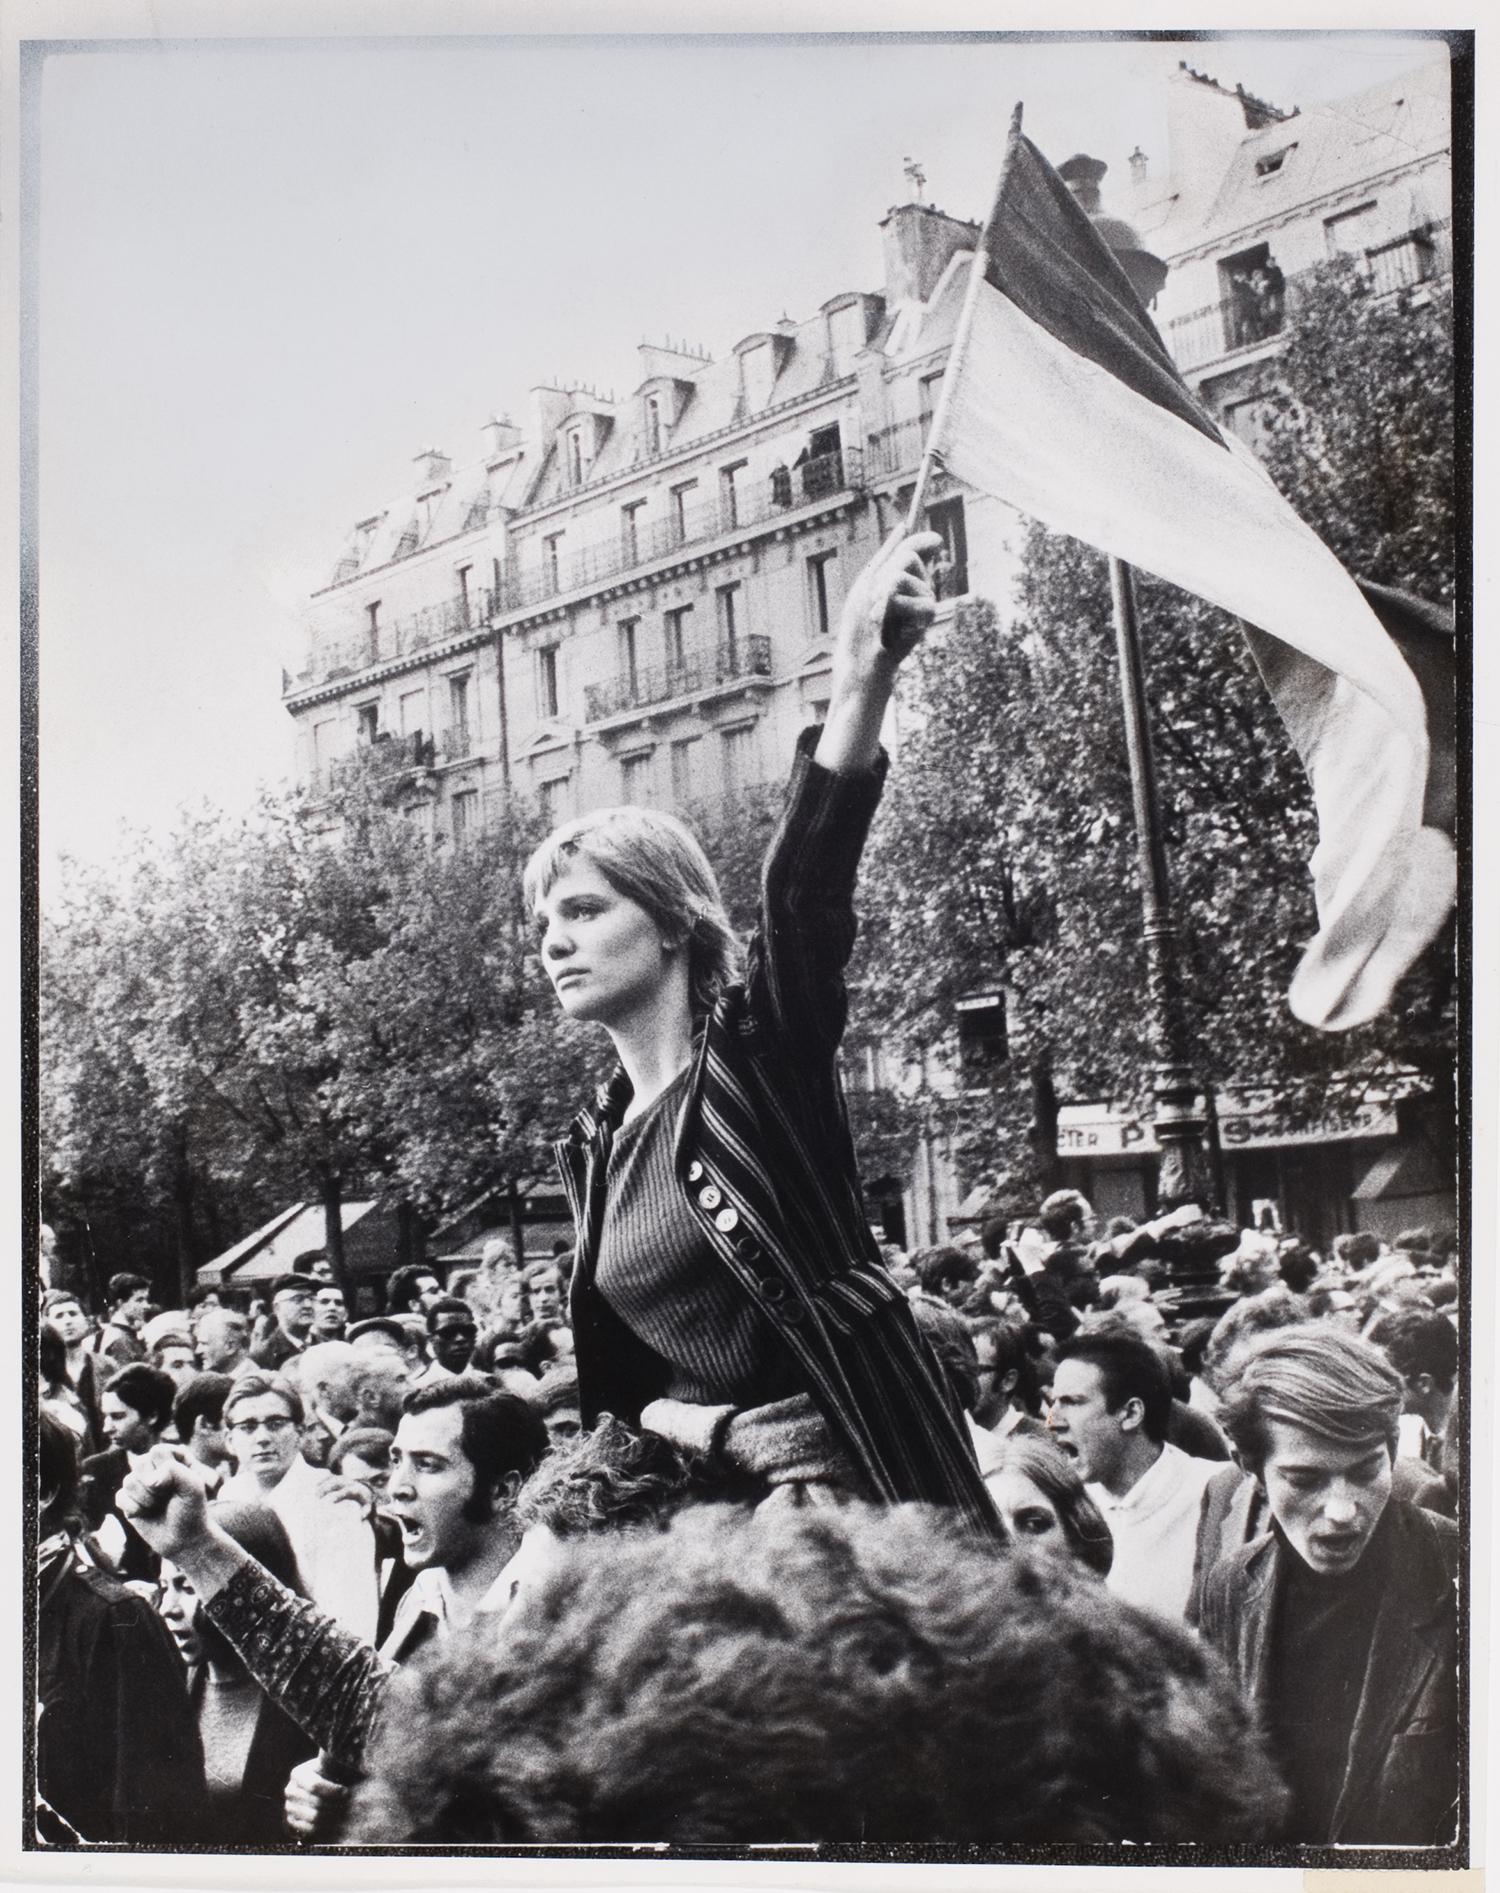 Jean-Pierre Rey, [Girl waving flag in crowd during general strike, Paris], May 1968